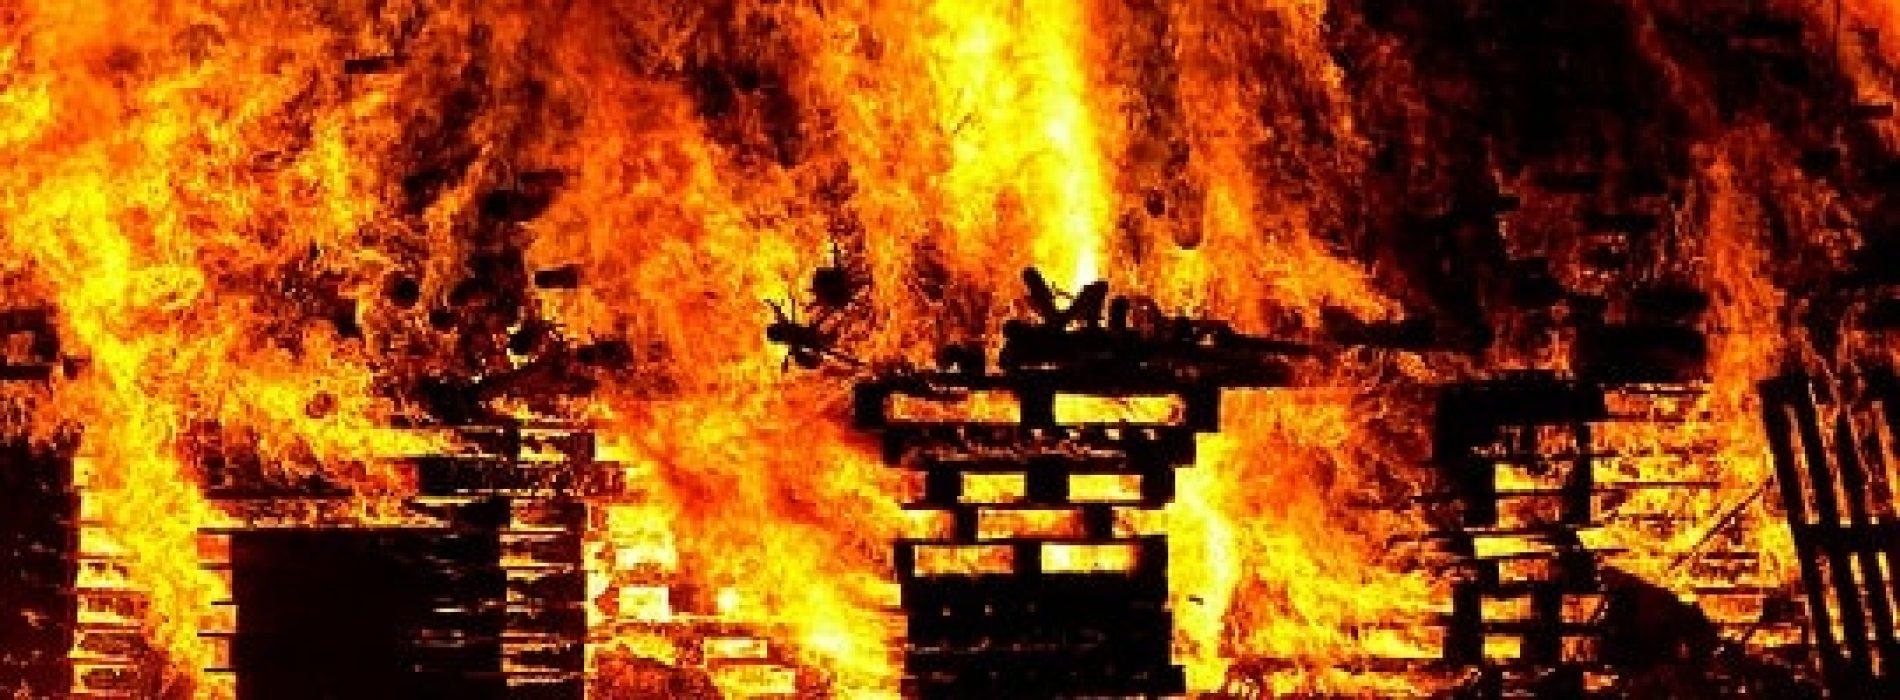 Slik unngår du brann på hytten